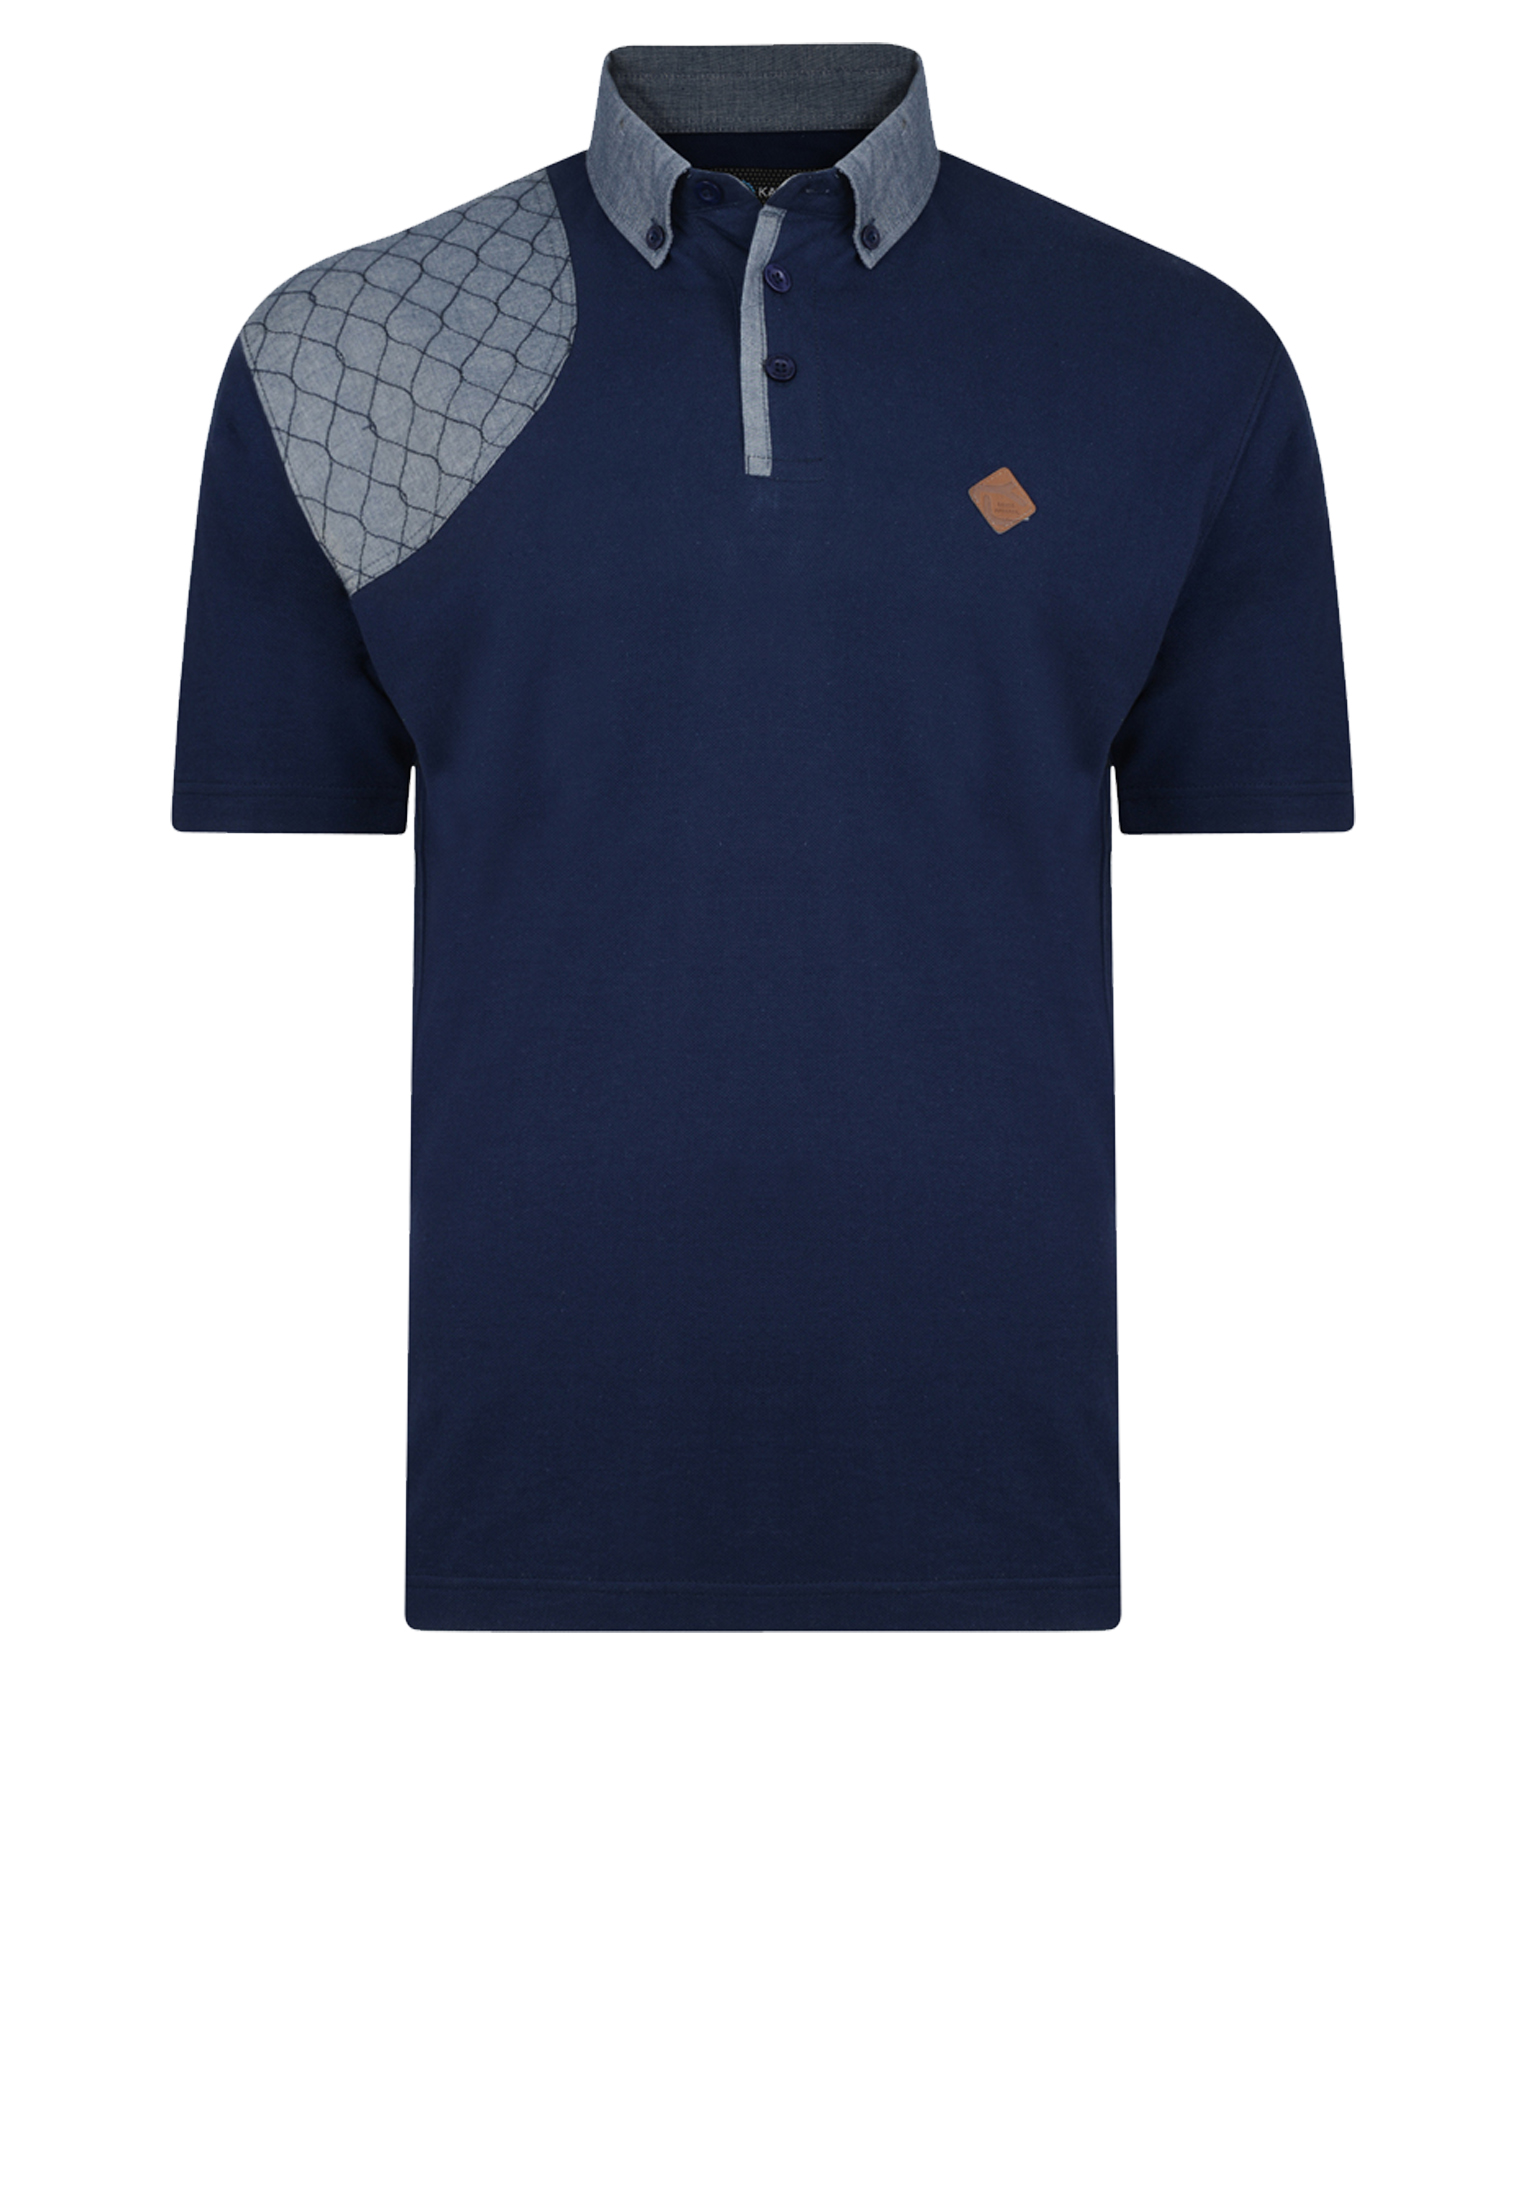 Polo met korte mouw van het merk KAM JEANSWEAR met een borst zakje op de linker voorkant waarop een print staat. De polo heeft een grijze contrast aan de kraag, rechter schouder en onder de knooplijst. In de kleur navy.